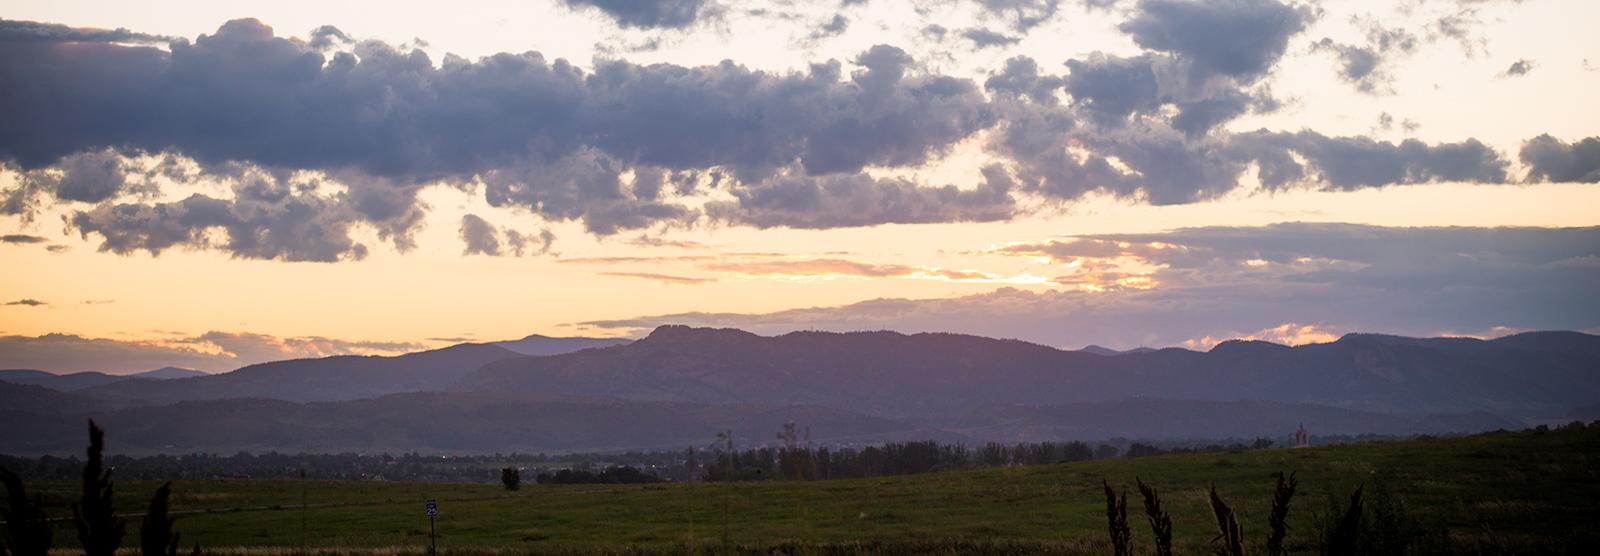 Northern Colorado photography